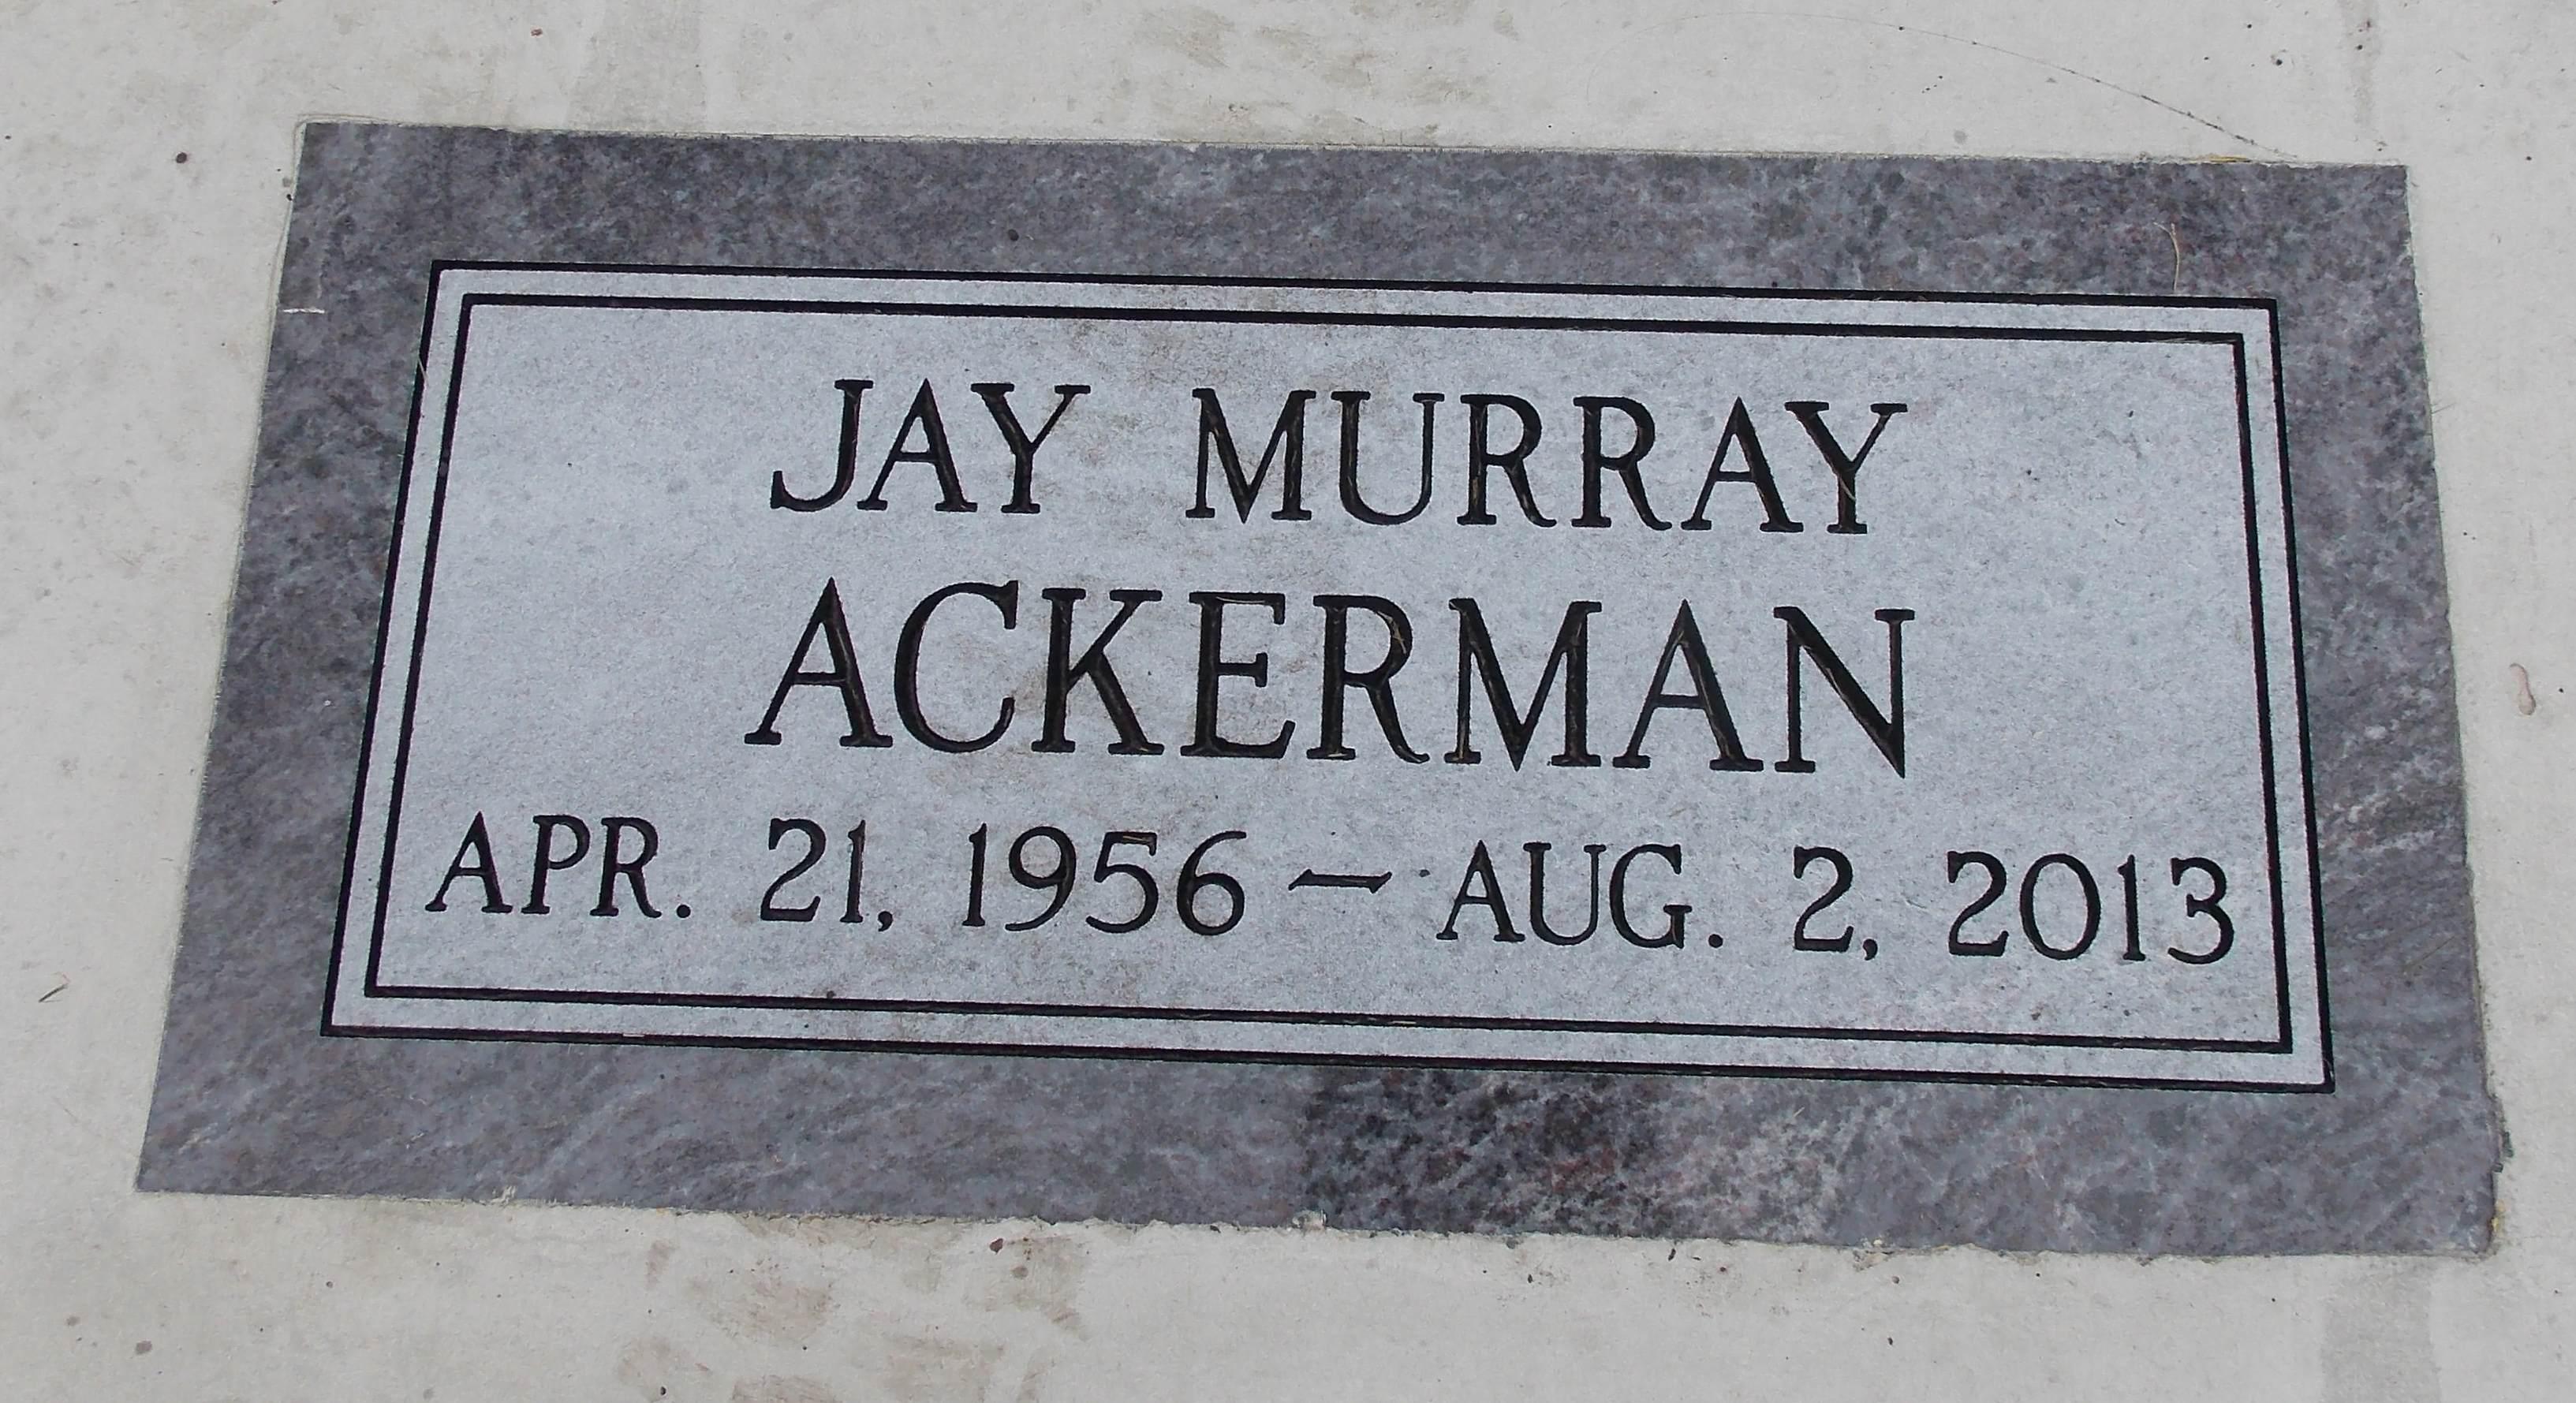 Jay Murray Ackerman